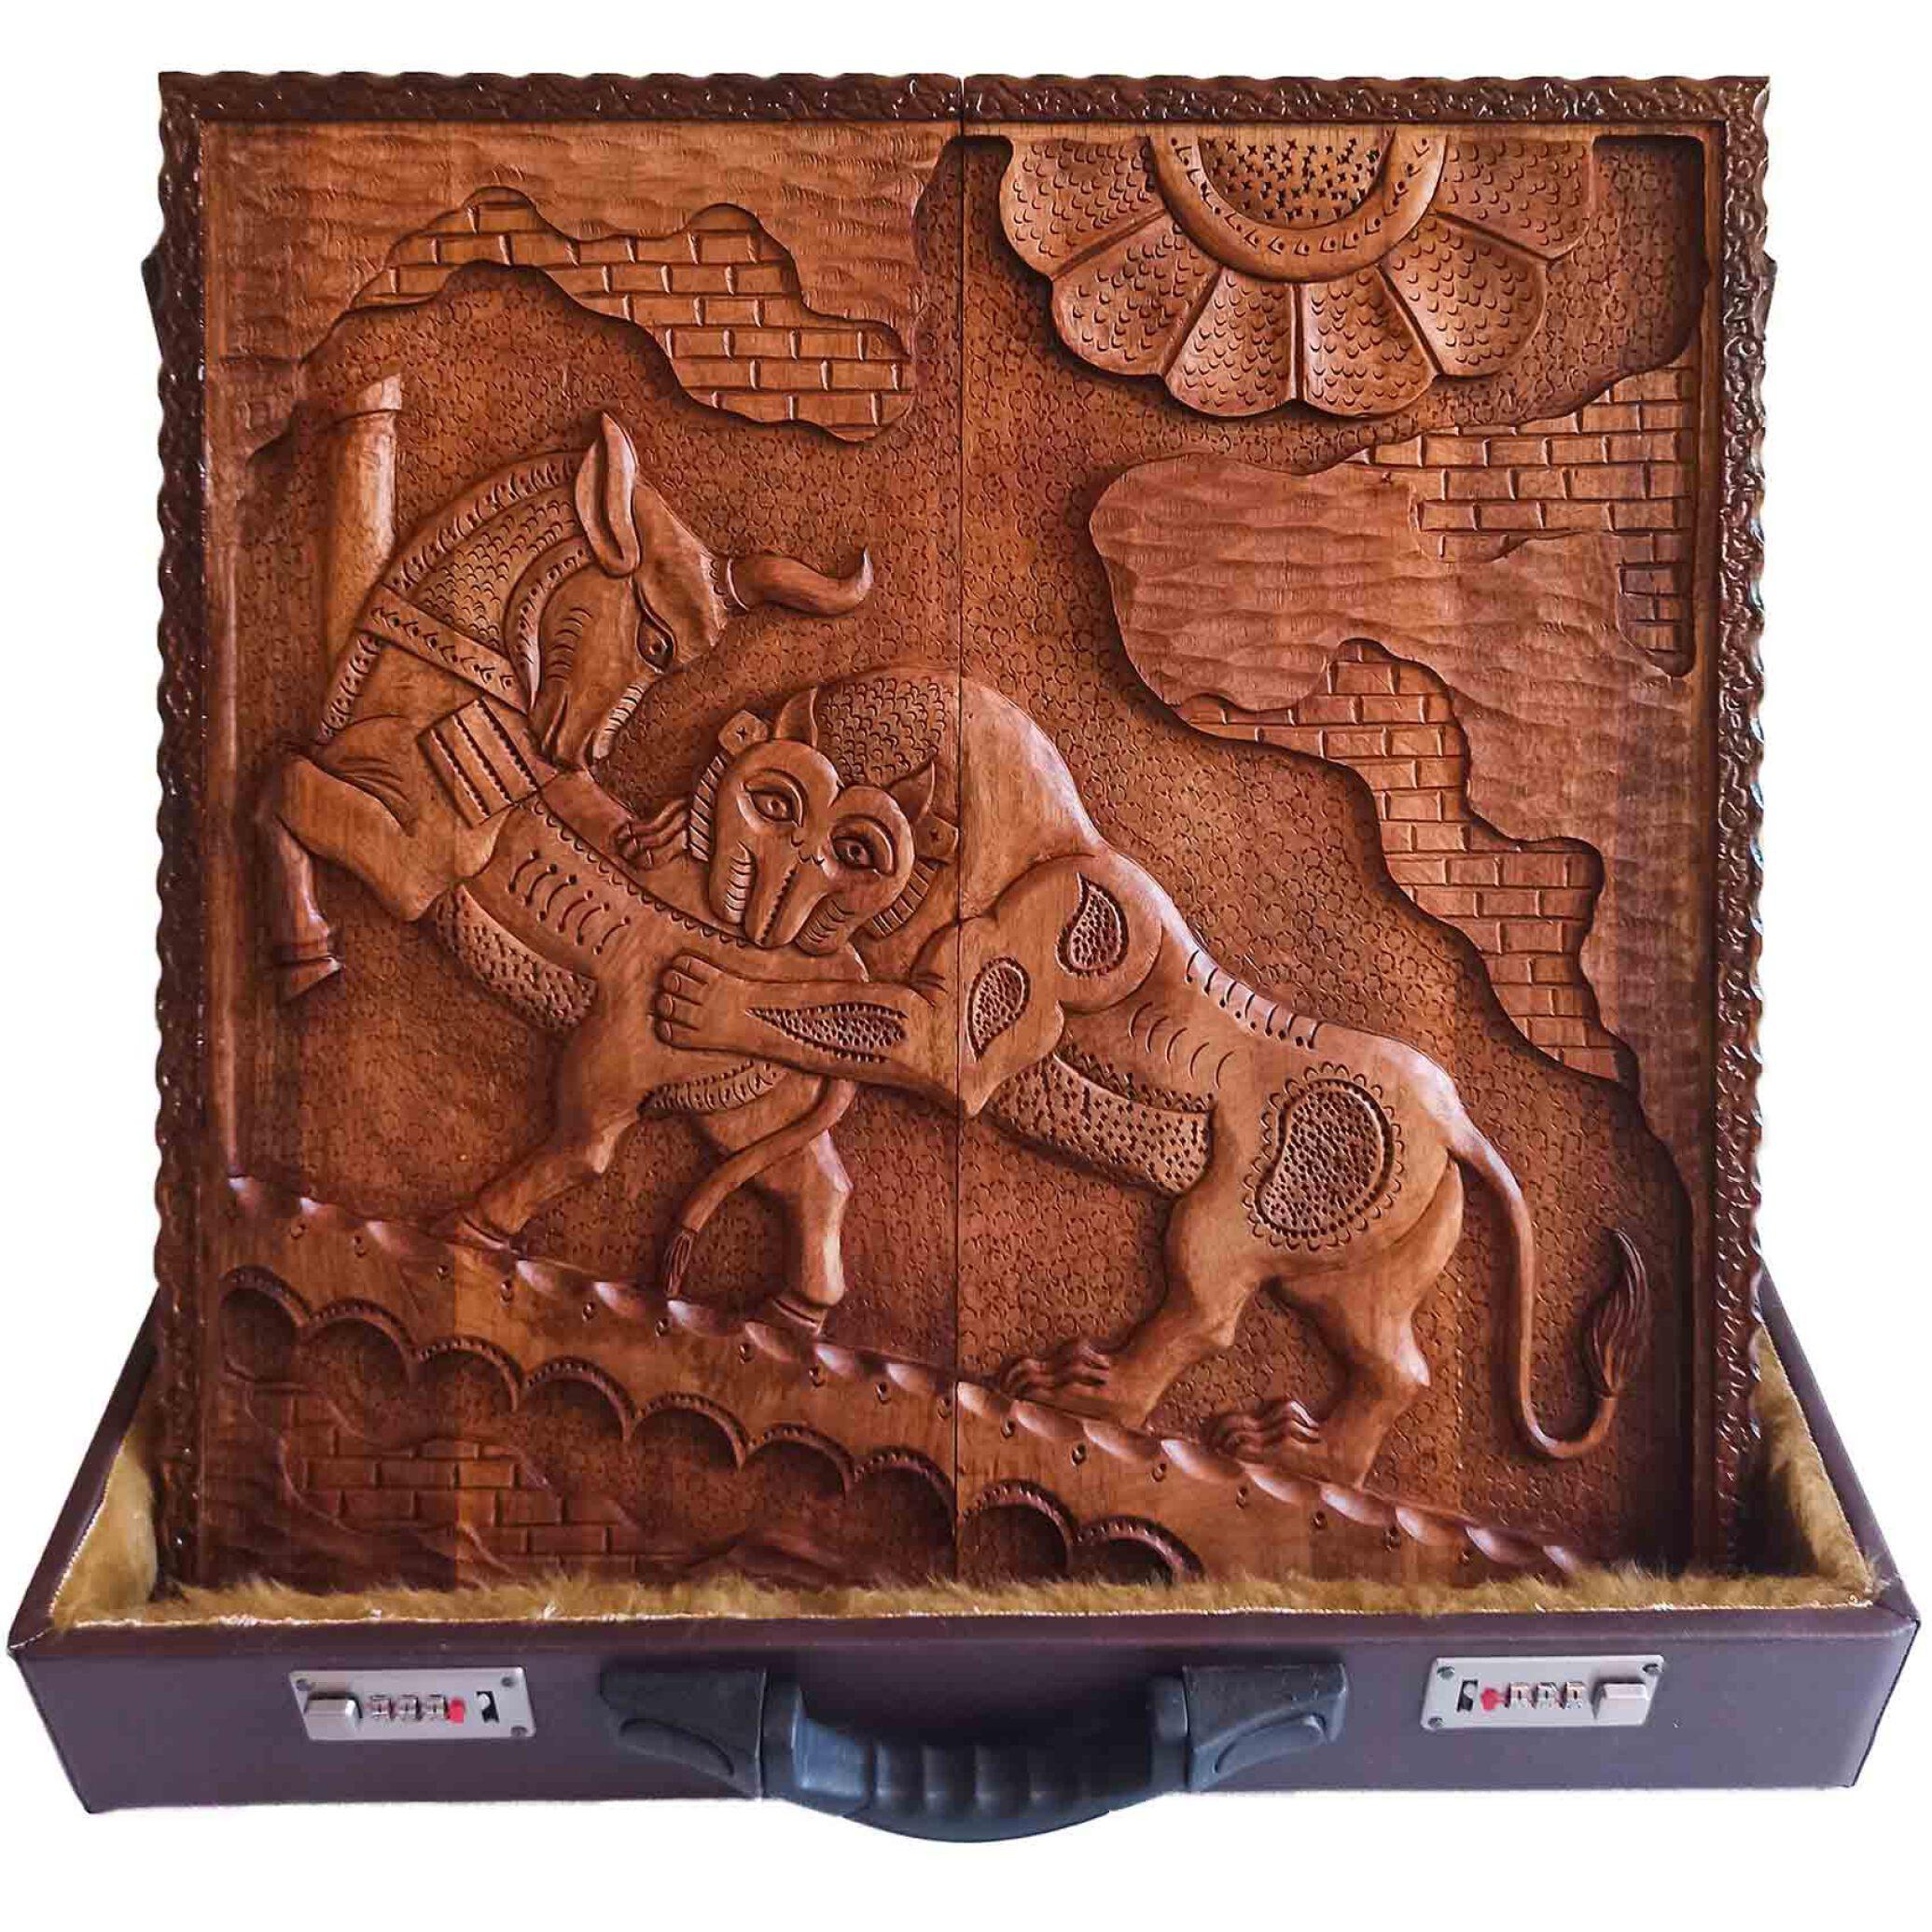 تخته نرد منبت کاری طرح هخامنشی نبرد، تخته نرد کادویی و تخته نرد نفیس، ساخته شده از چوب گردو